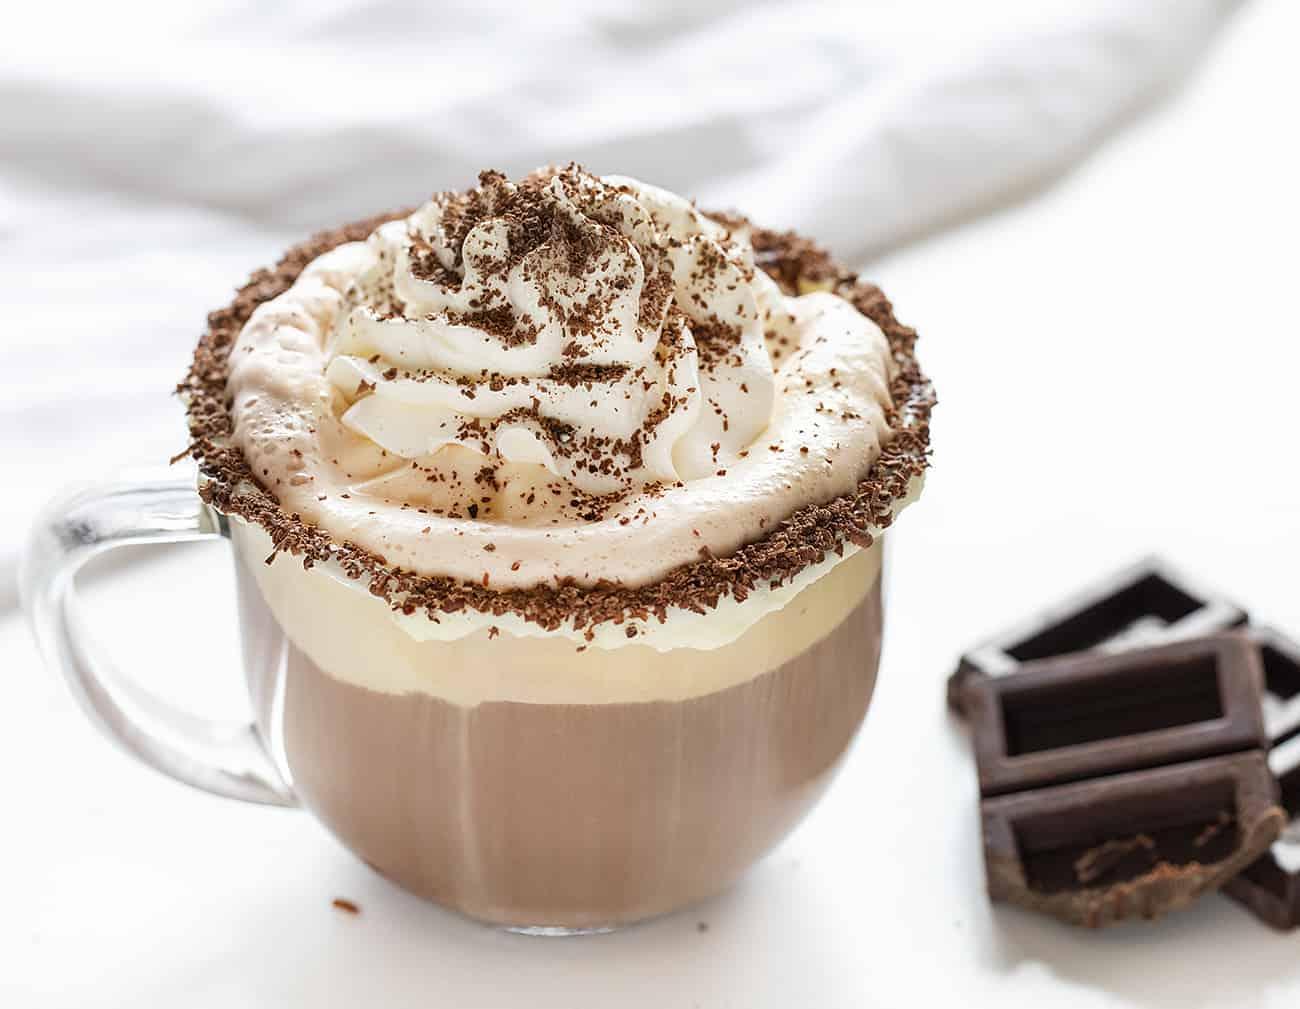 Drunken Snowman Drink Recipe next to Shaved Chocolate